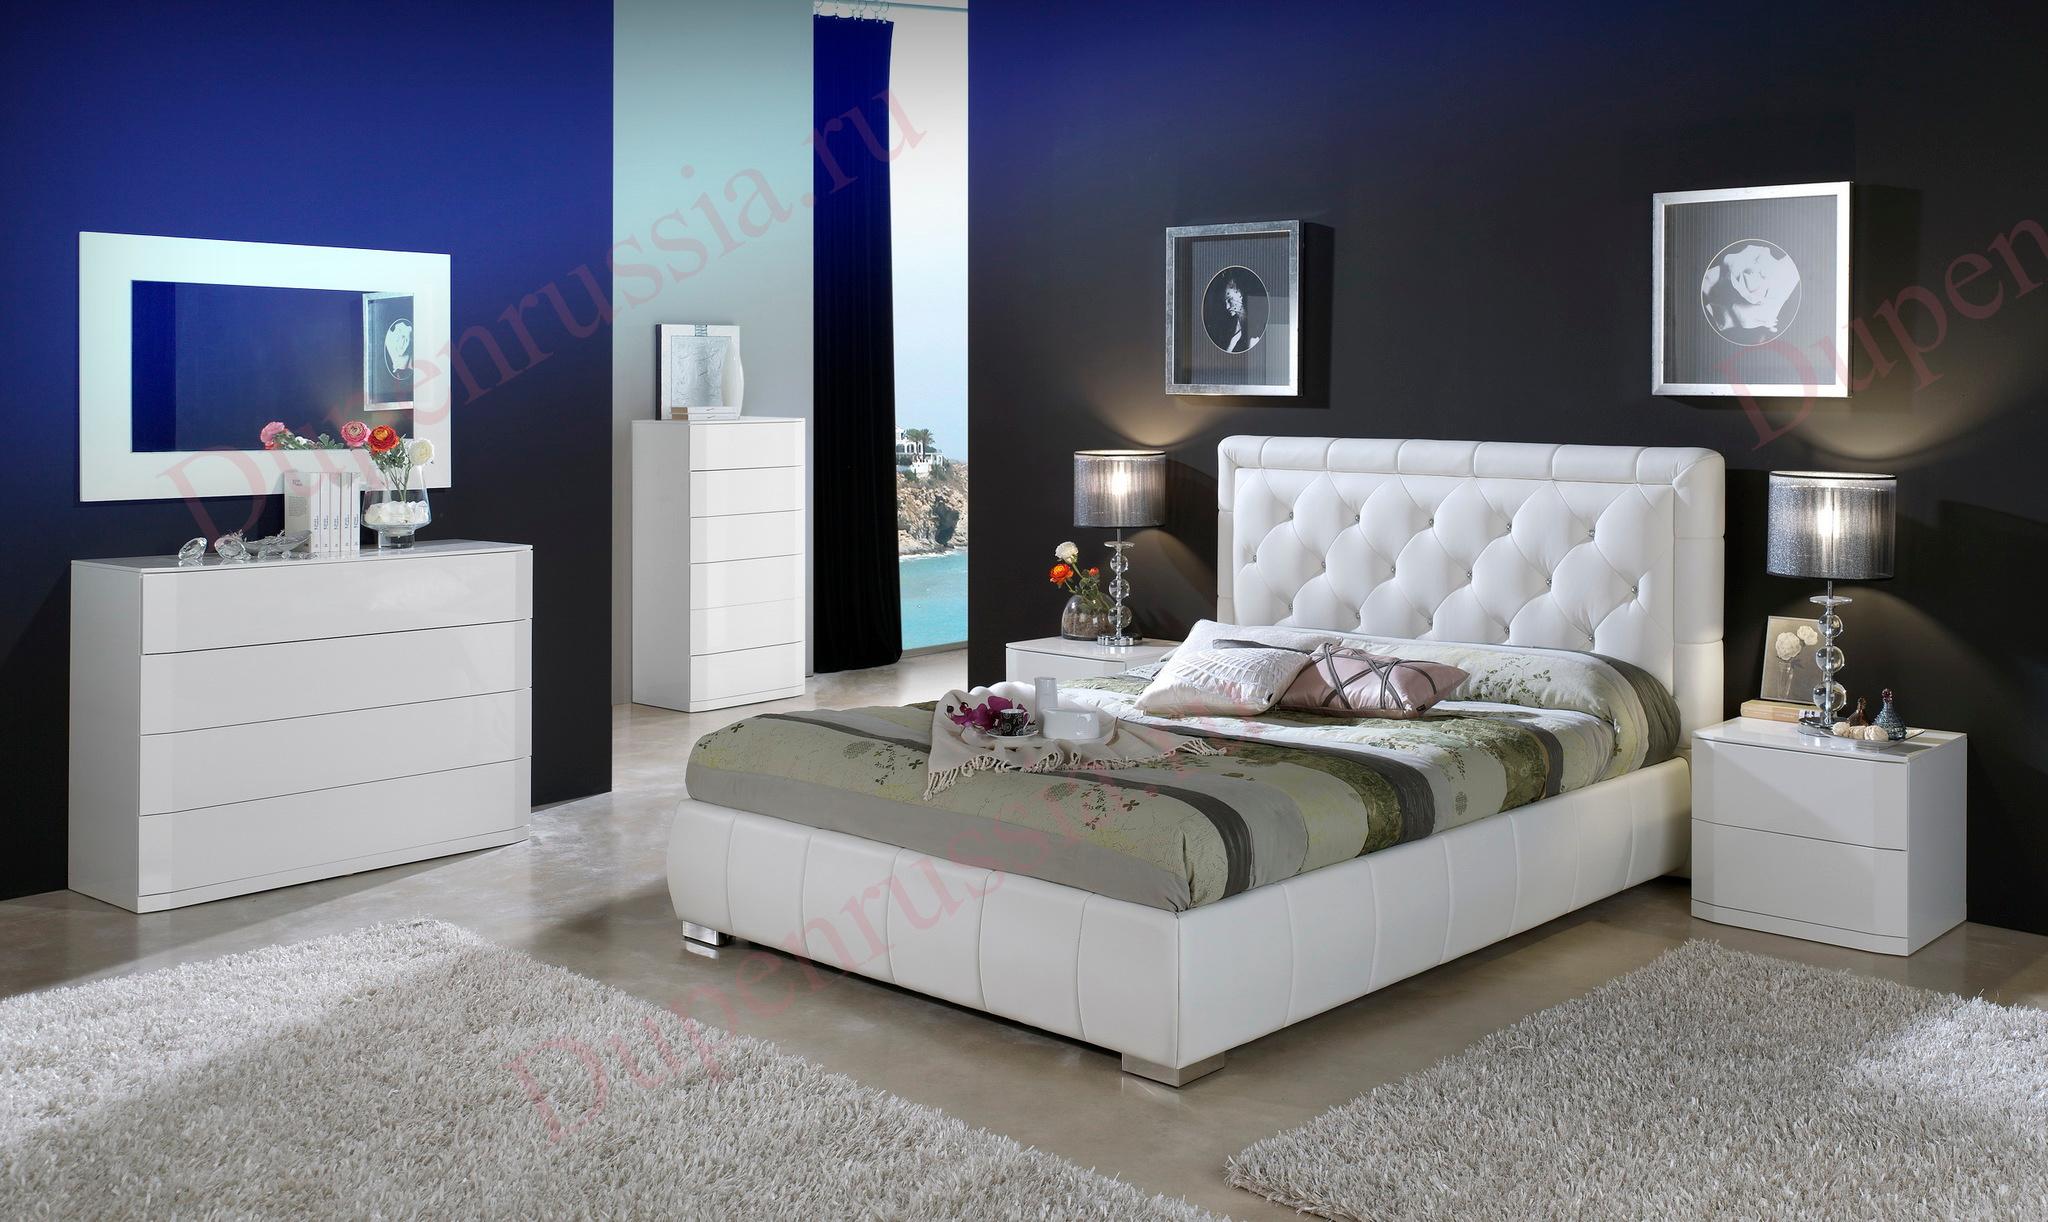 Кровать DUPEN 661 CINDERELLA, Комод горизонтальный С-102; Комод вертикальный S-102; Тумбочка М-102; Зеркало Е-96